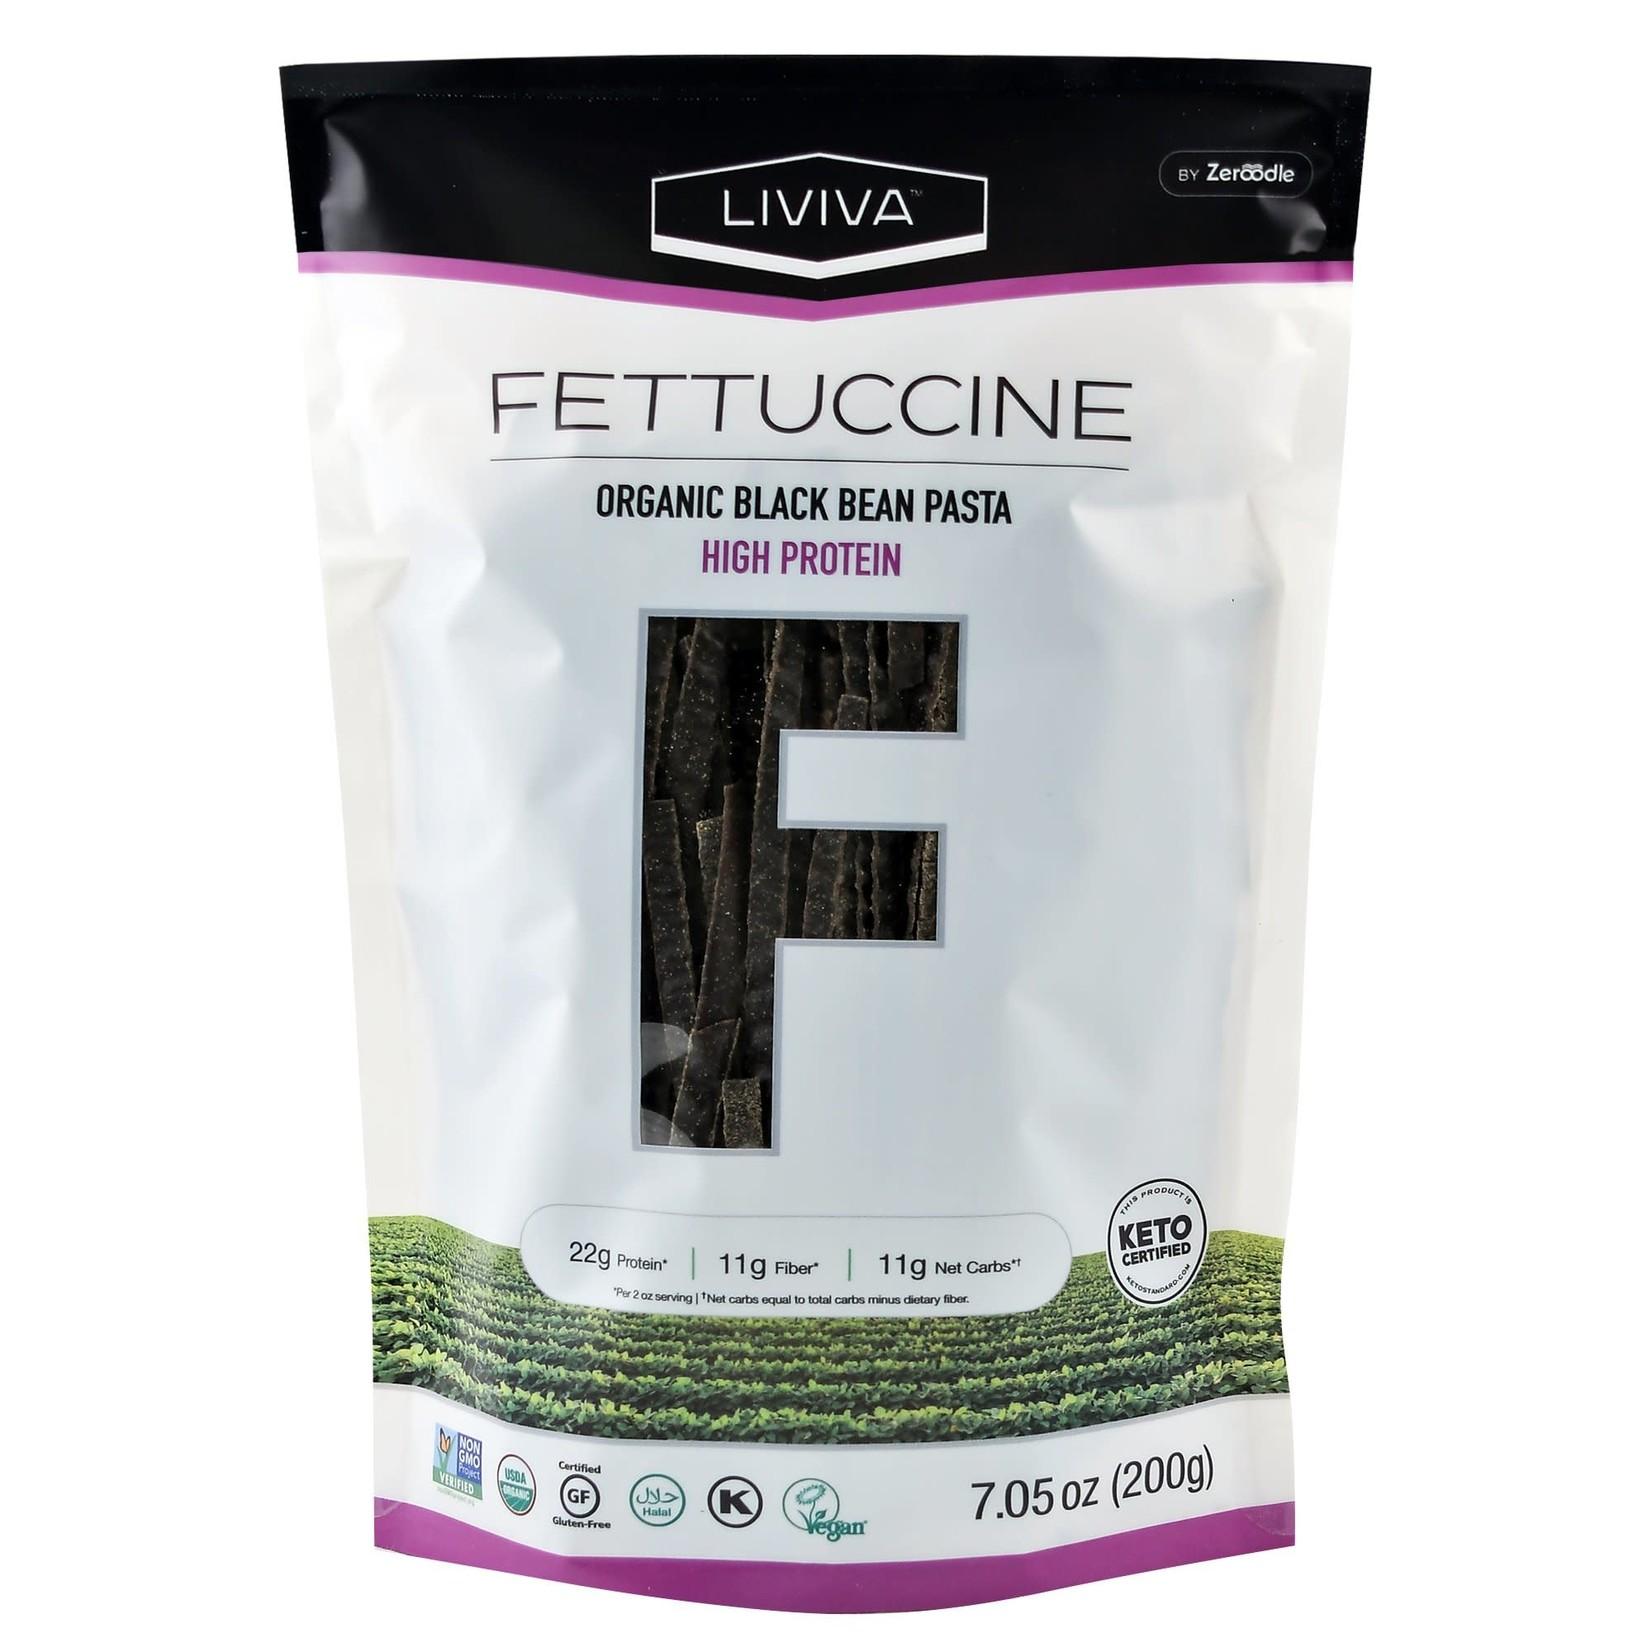 Liviva Liviva Black Bean Fettuccine